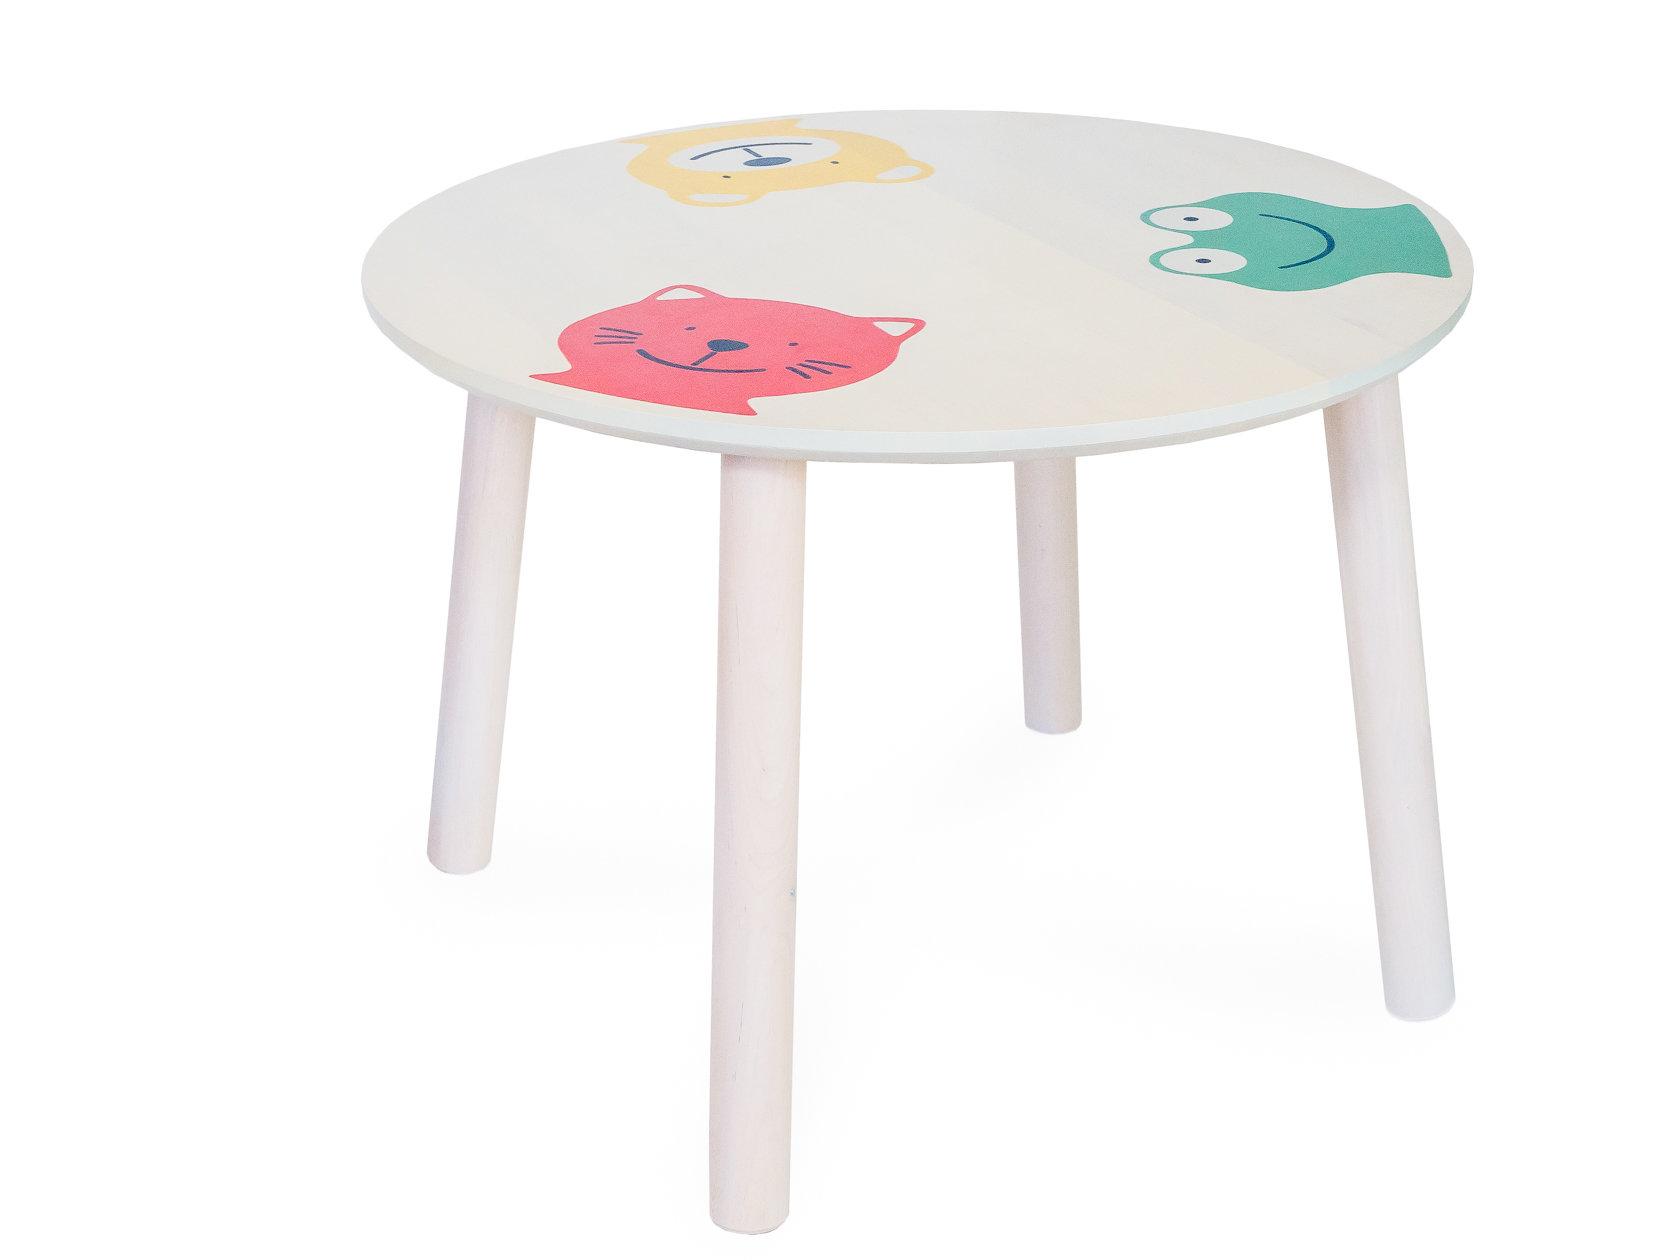 Столик и стульчик Боровичи Стол круглый детский Светлое дерево